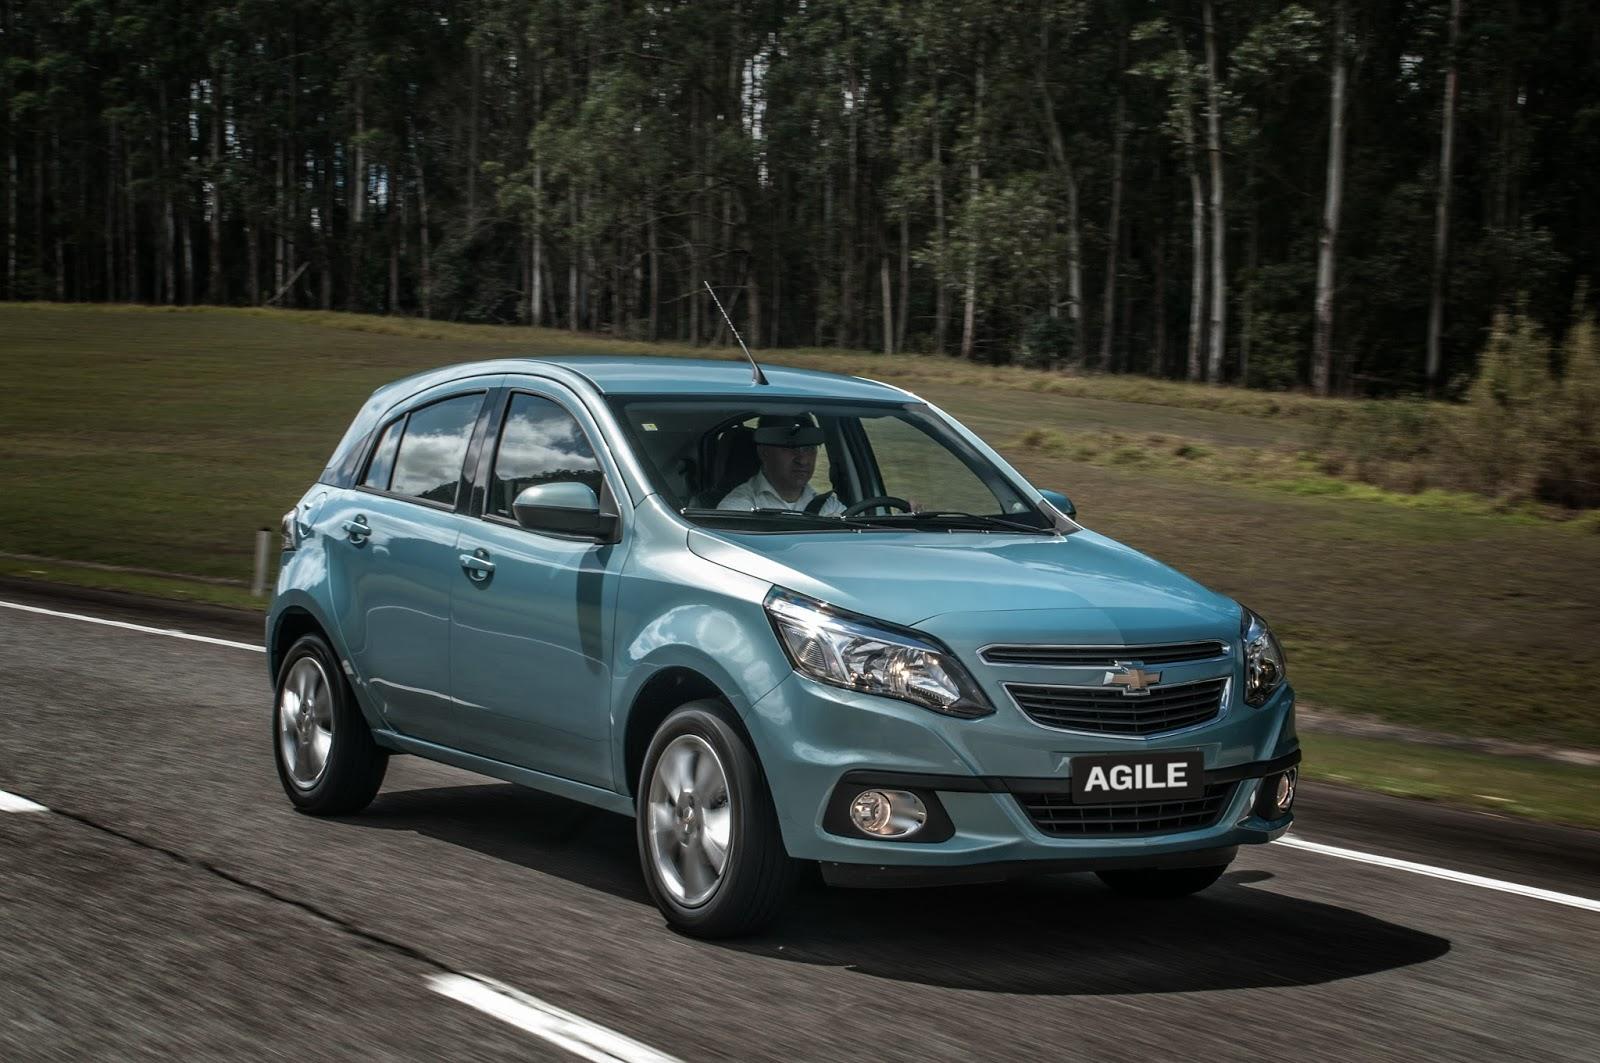 Chevrolet Agile 2014: Todas las fotos que Chevrolet Argentina no